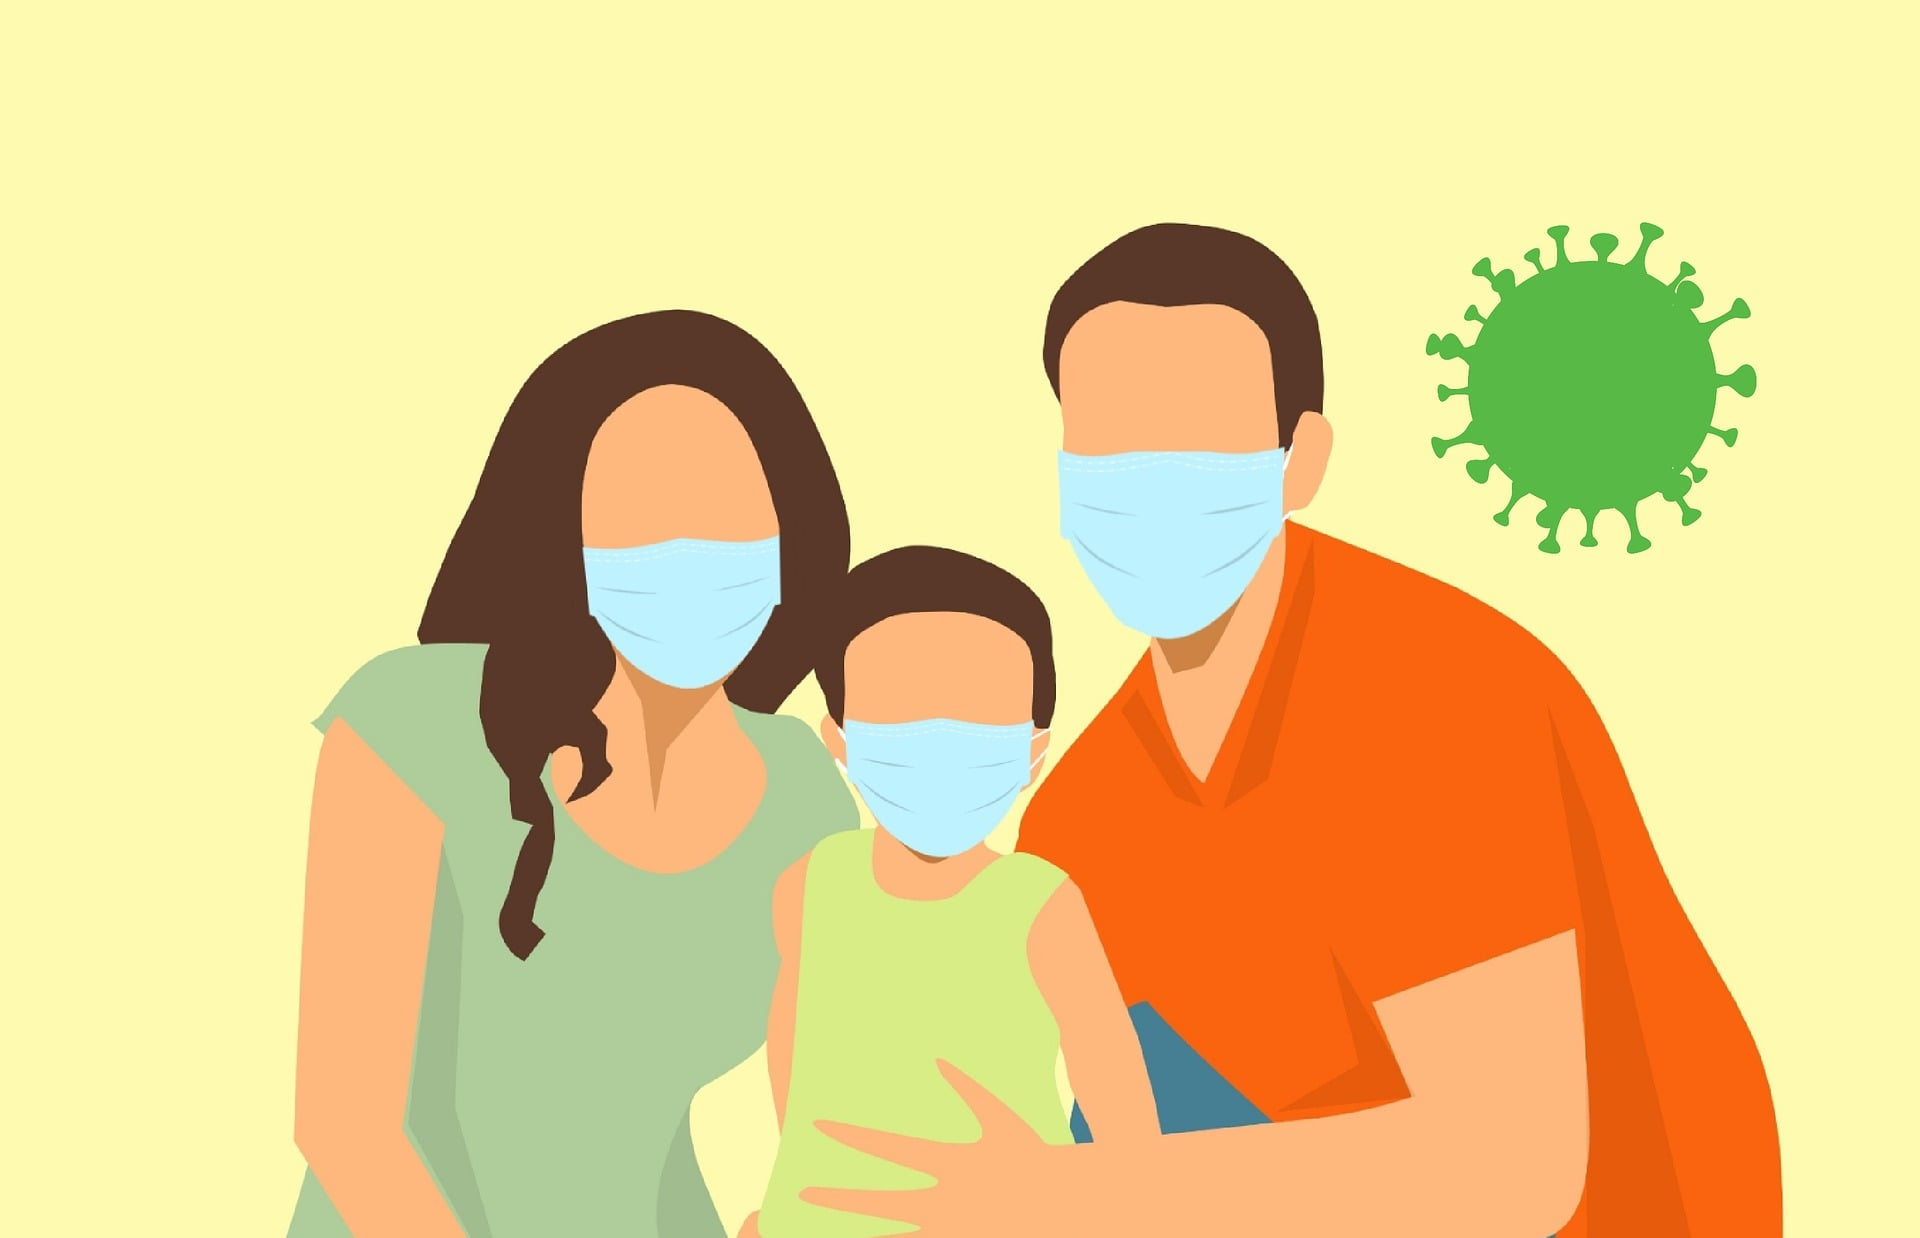 Kutatás: Téged mennyire viselt meg a koronavírus-járvány?